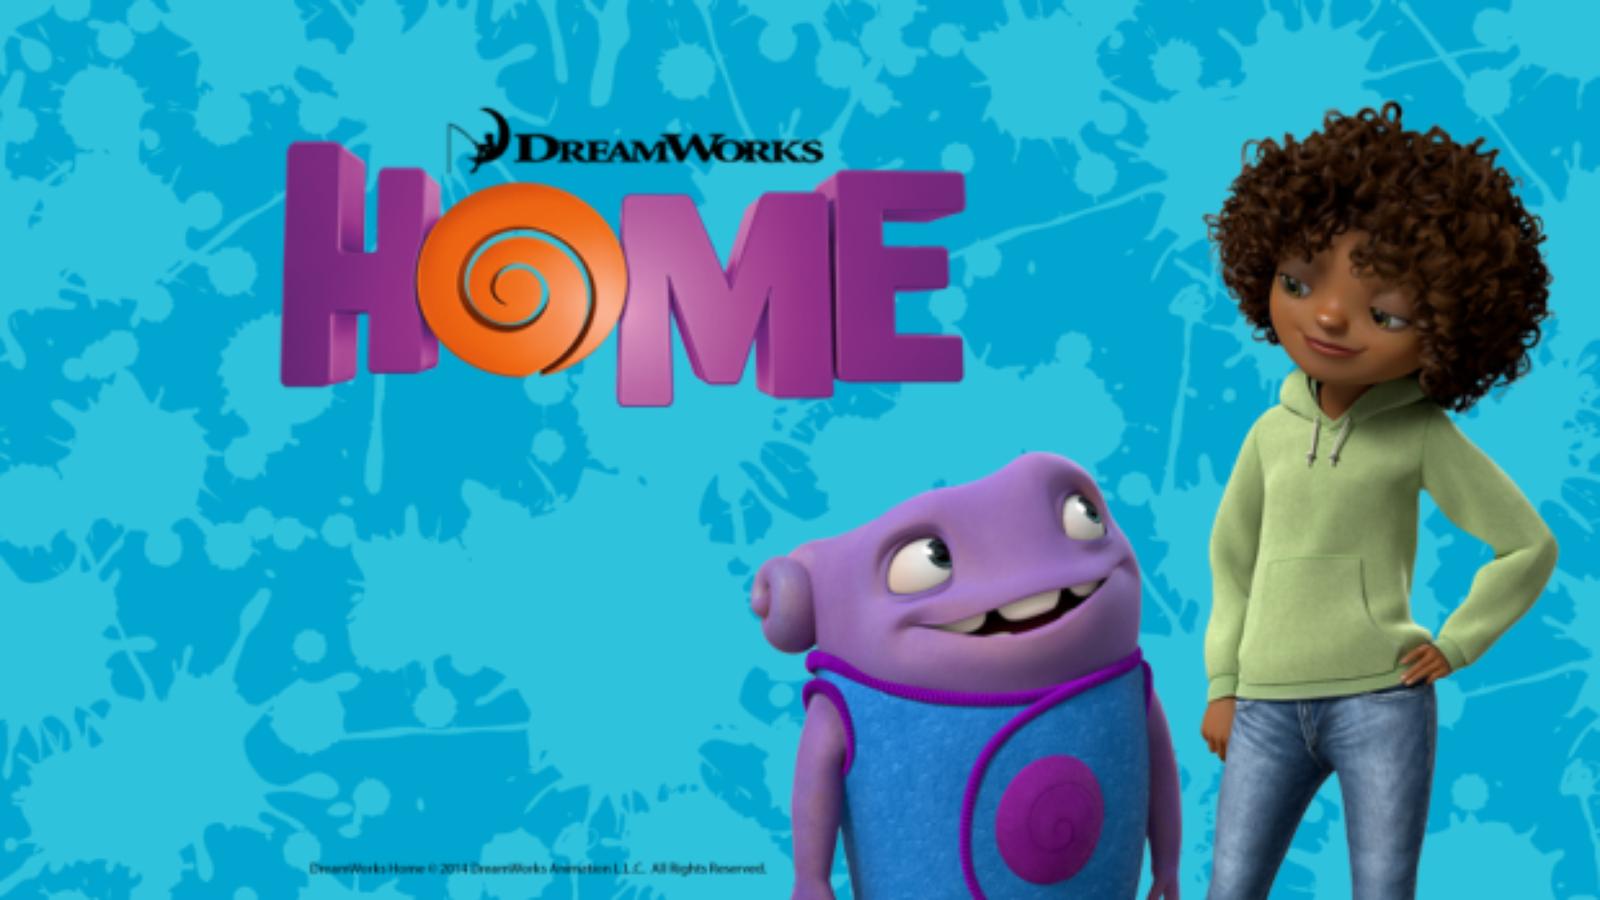 Home Film Home Movie Dreamworks Home Movie Dreamworks Home Movie 1600x900